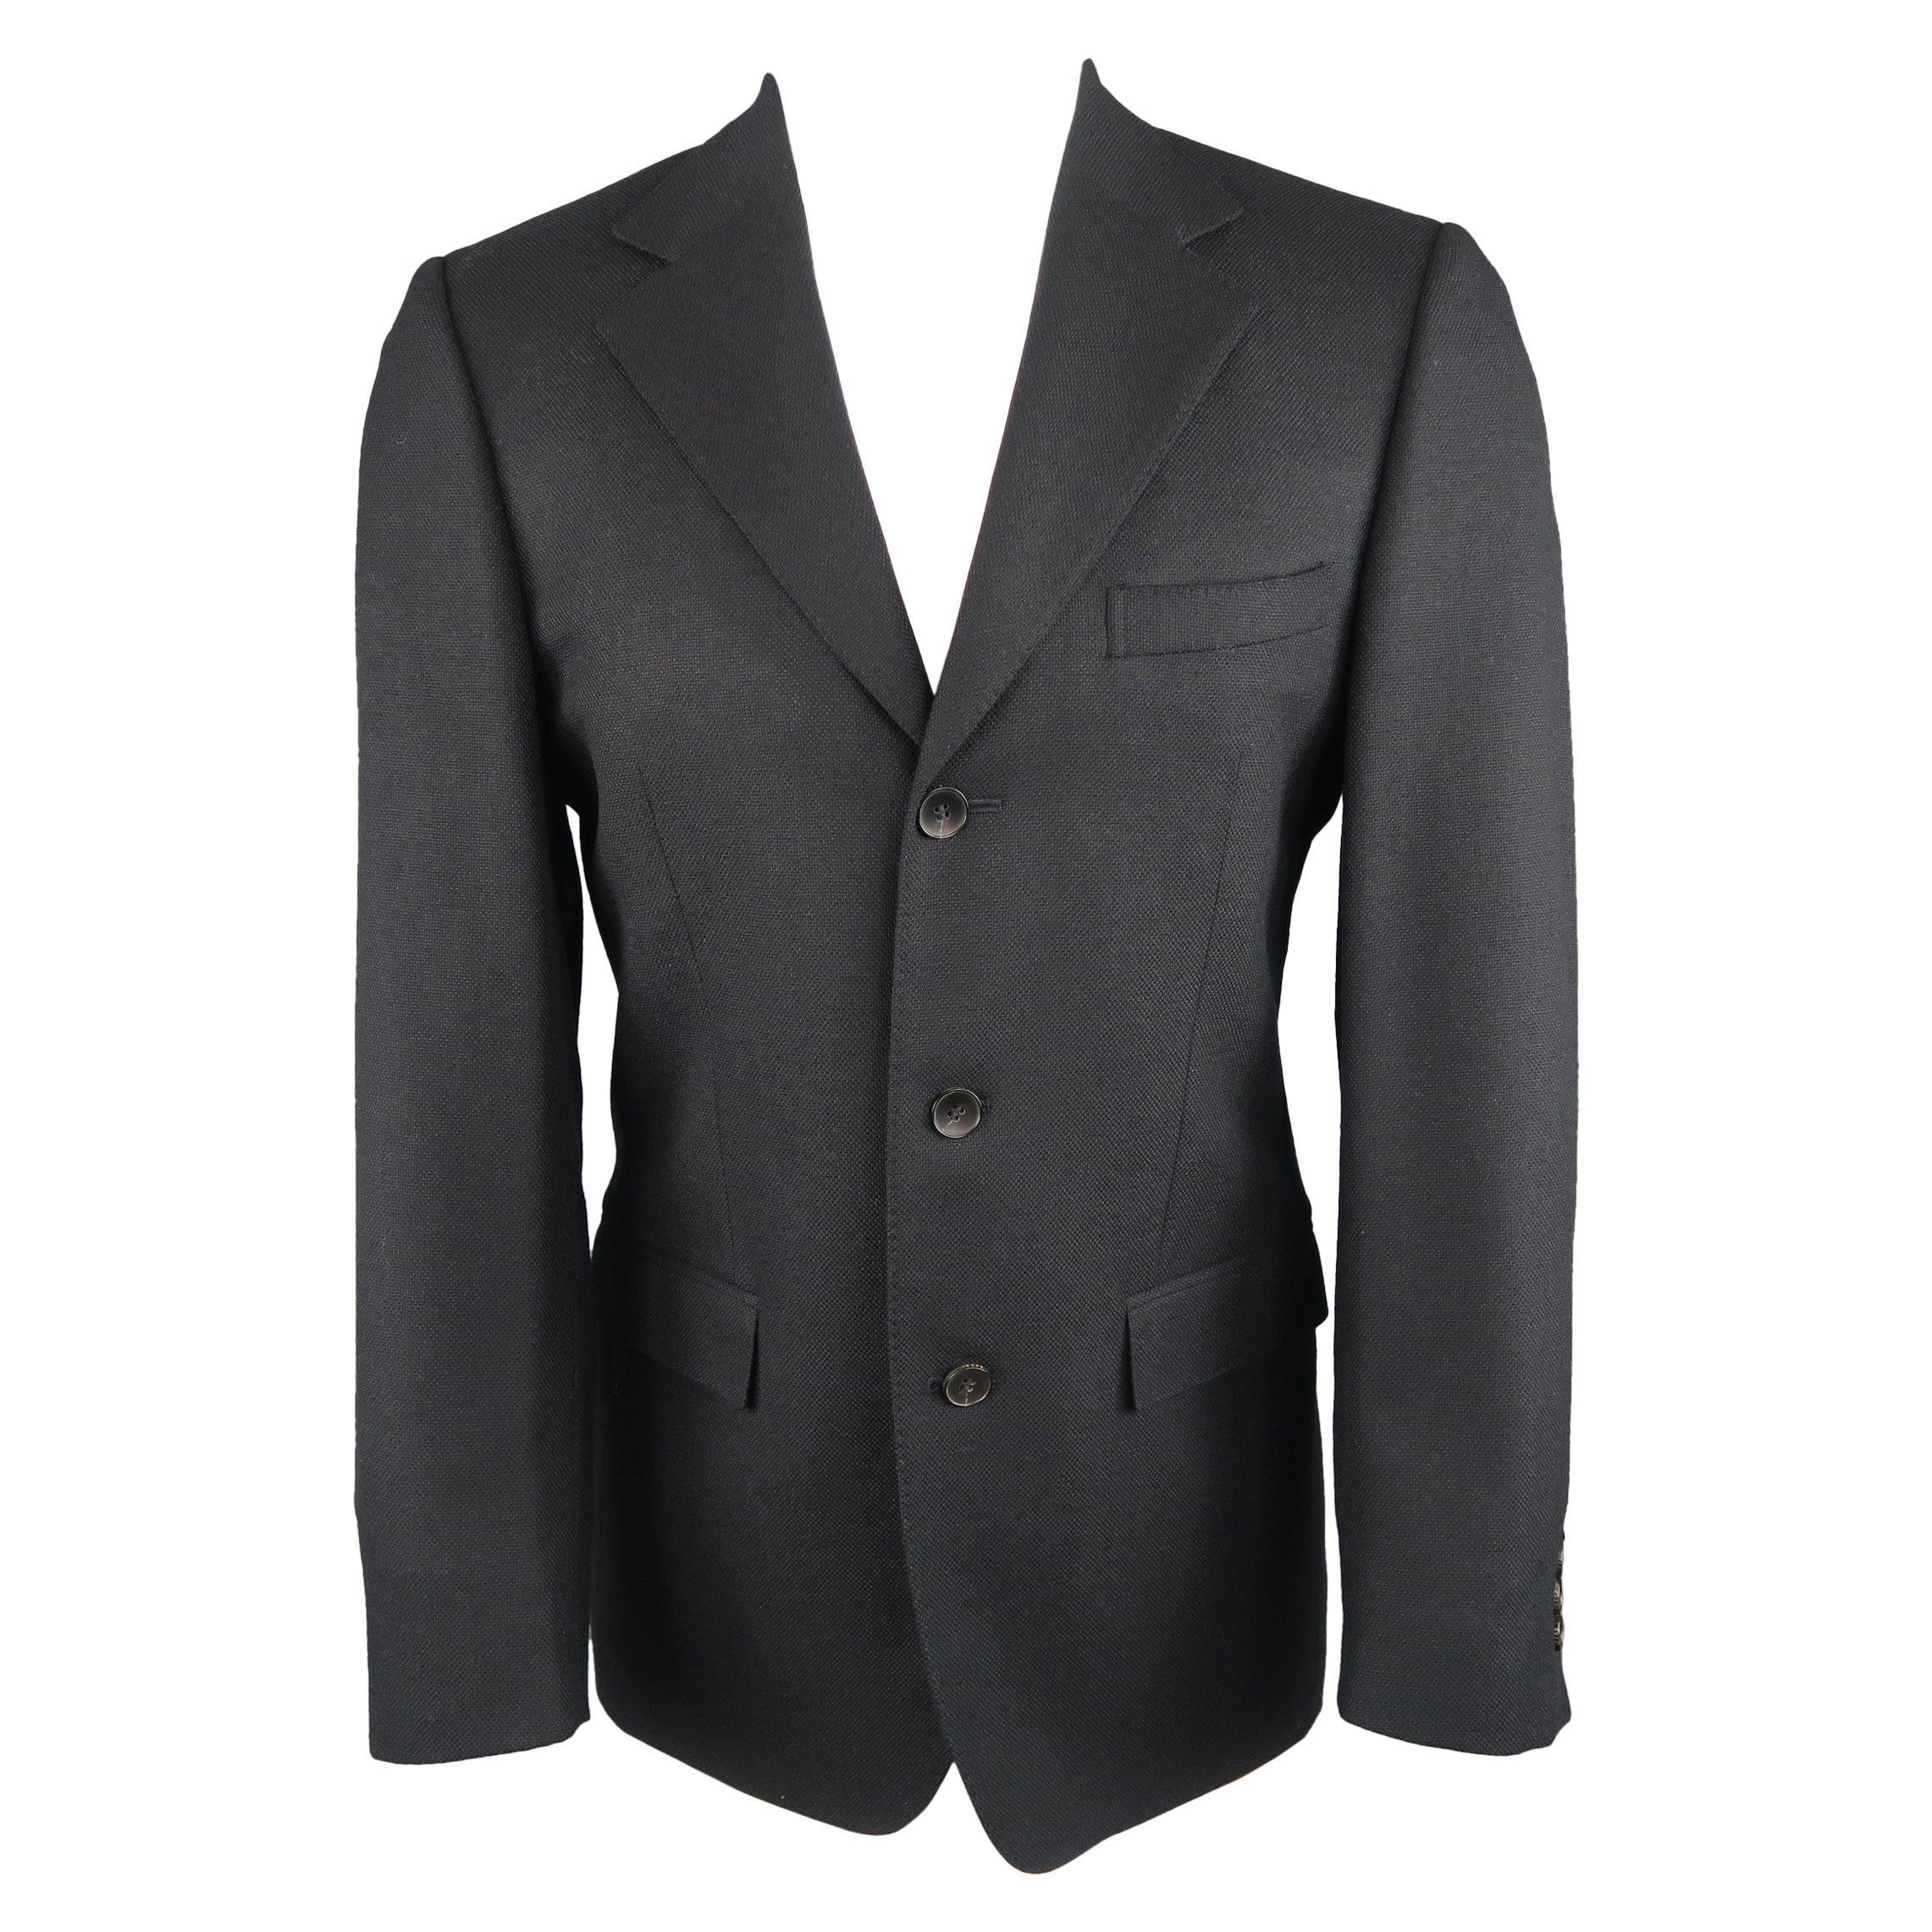 GUCCI 36 Navy Woven Wool / Mohair Notch Lapel Sport Coat